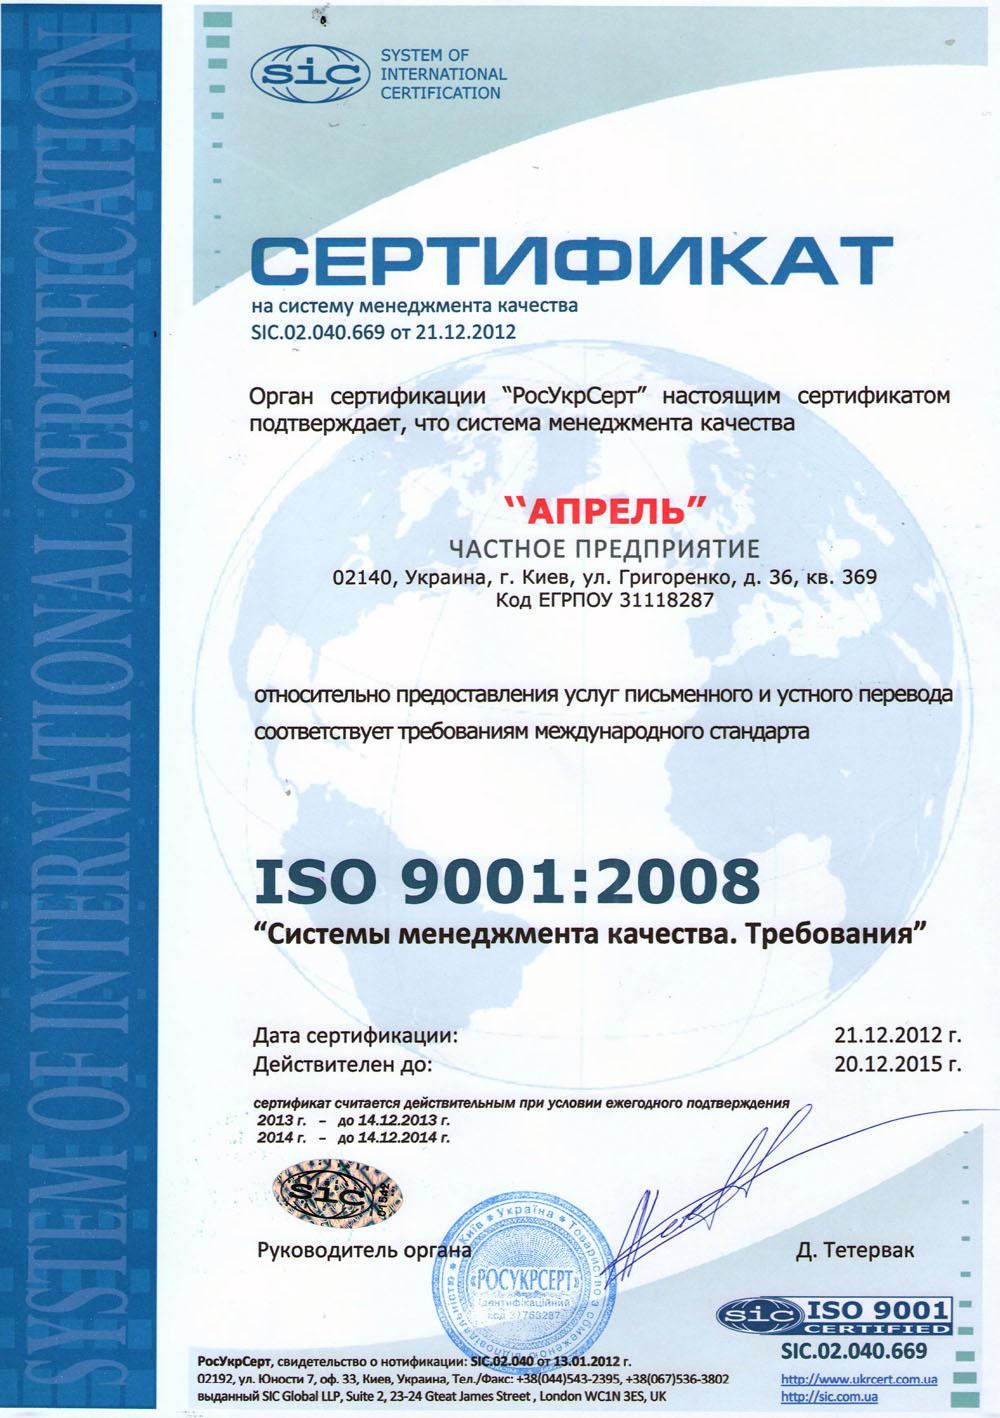 гончаров метрология стандартизация сертификация скачать